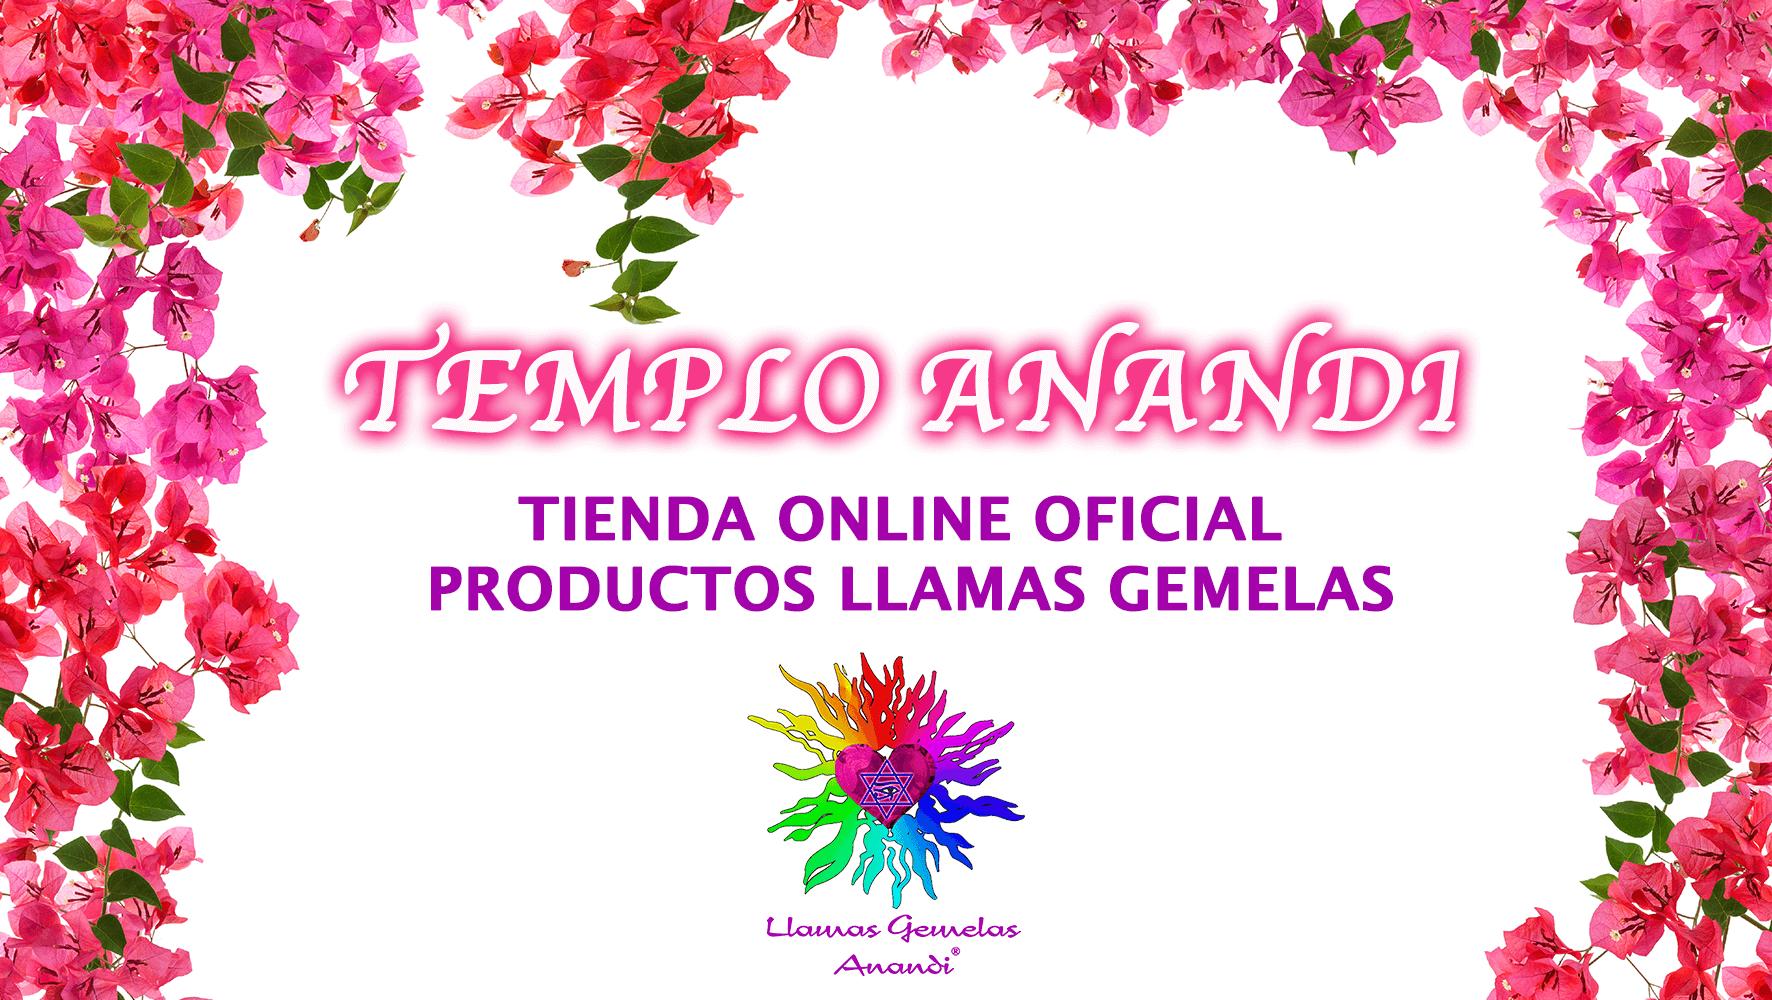 Templo Anandi | Tienda Online Oficial Productos Llamas Gemelas